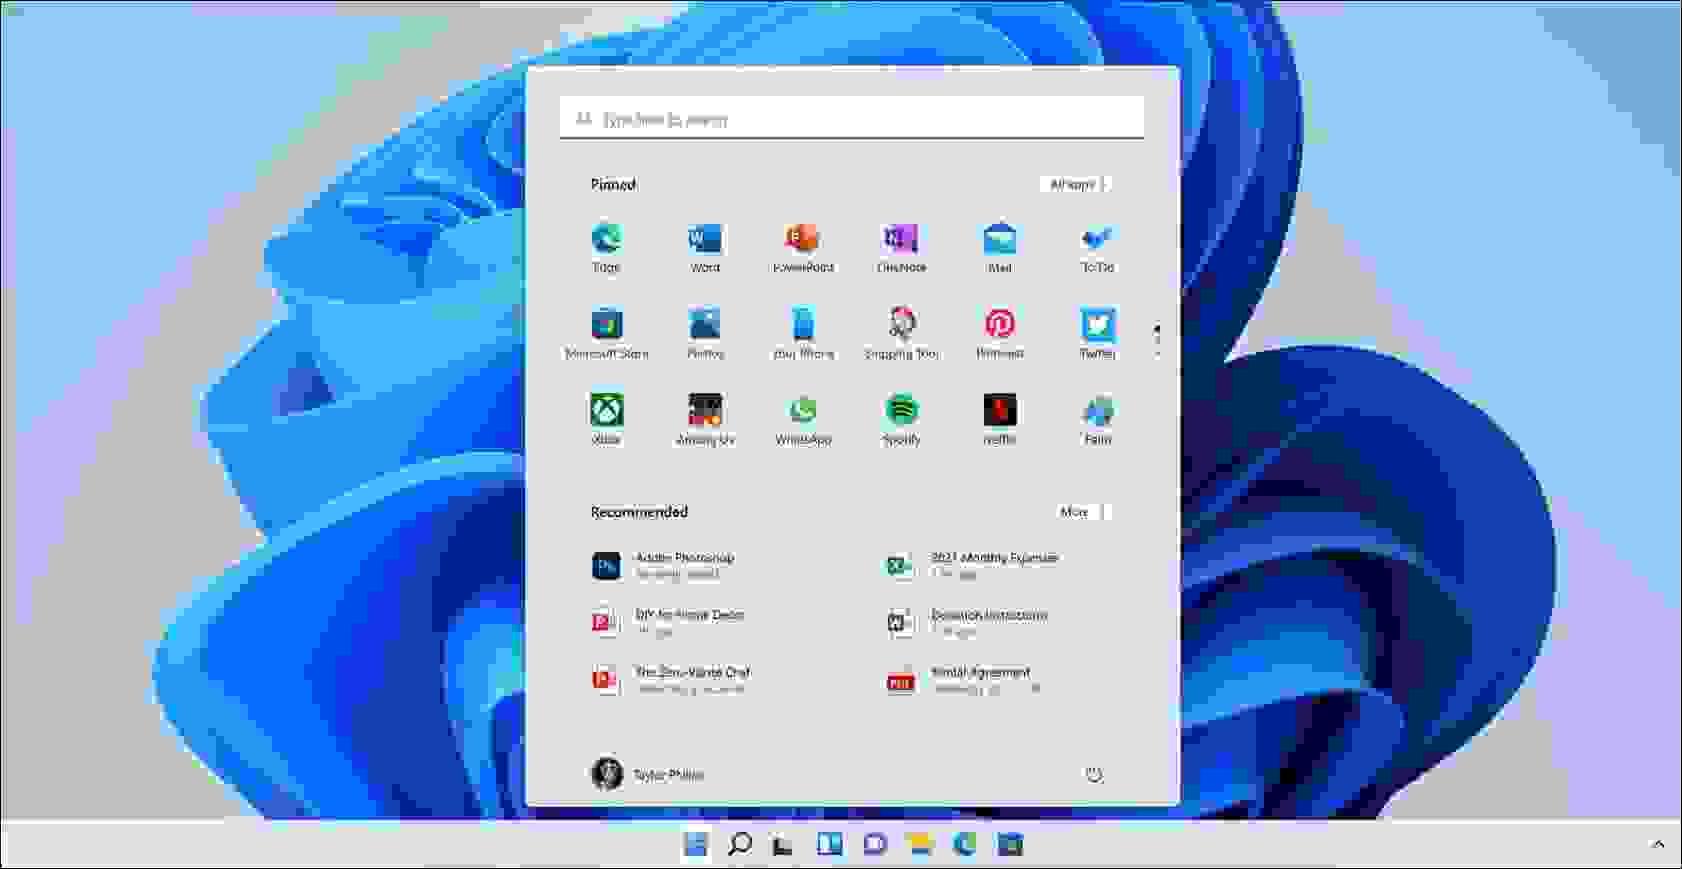 قائمة إبدأ جديدة بدون لوحات ديناميكية (Live Tiles) - مصدر الصورة مايكروسوفت